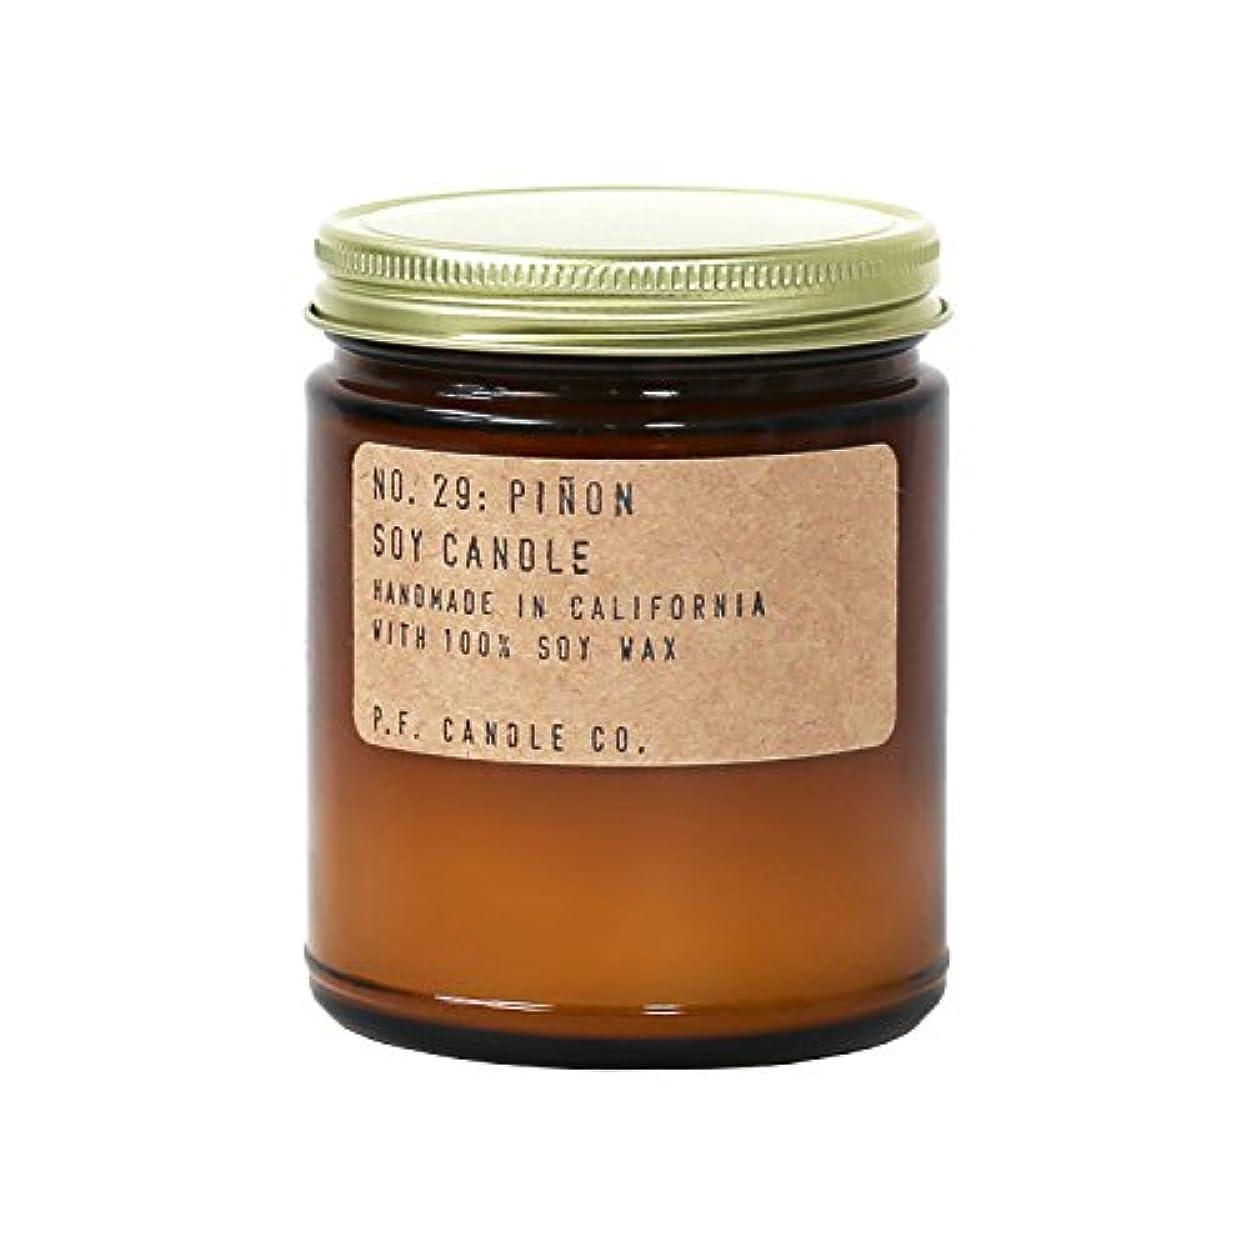 代表団大惨事魅了するp.f. Candle Co。 – No。29 : Piñon Soy Candle 7.2 oz